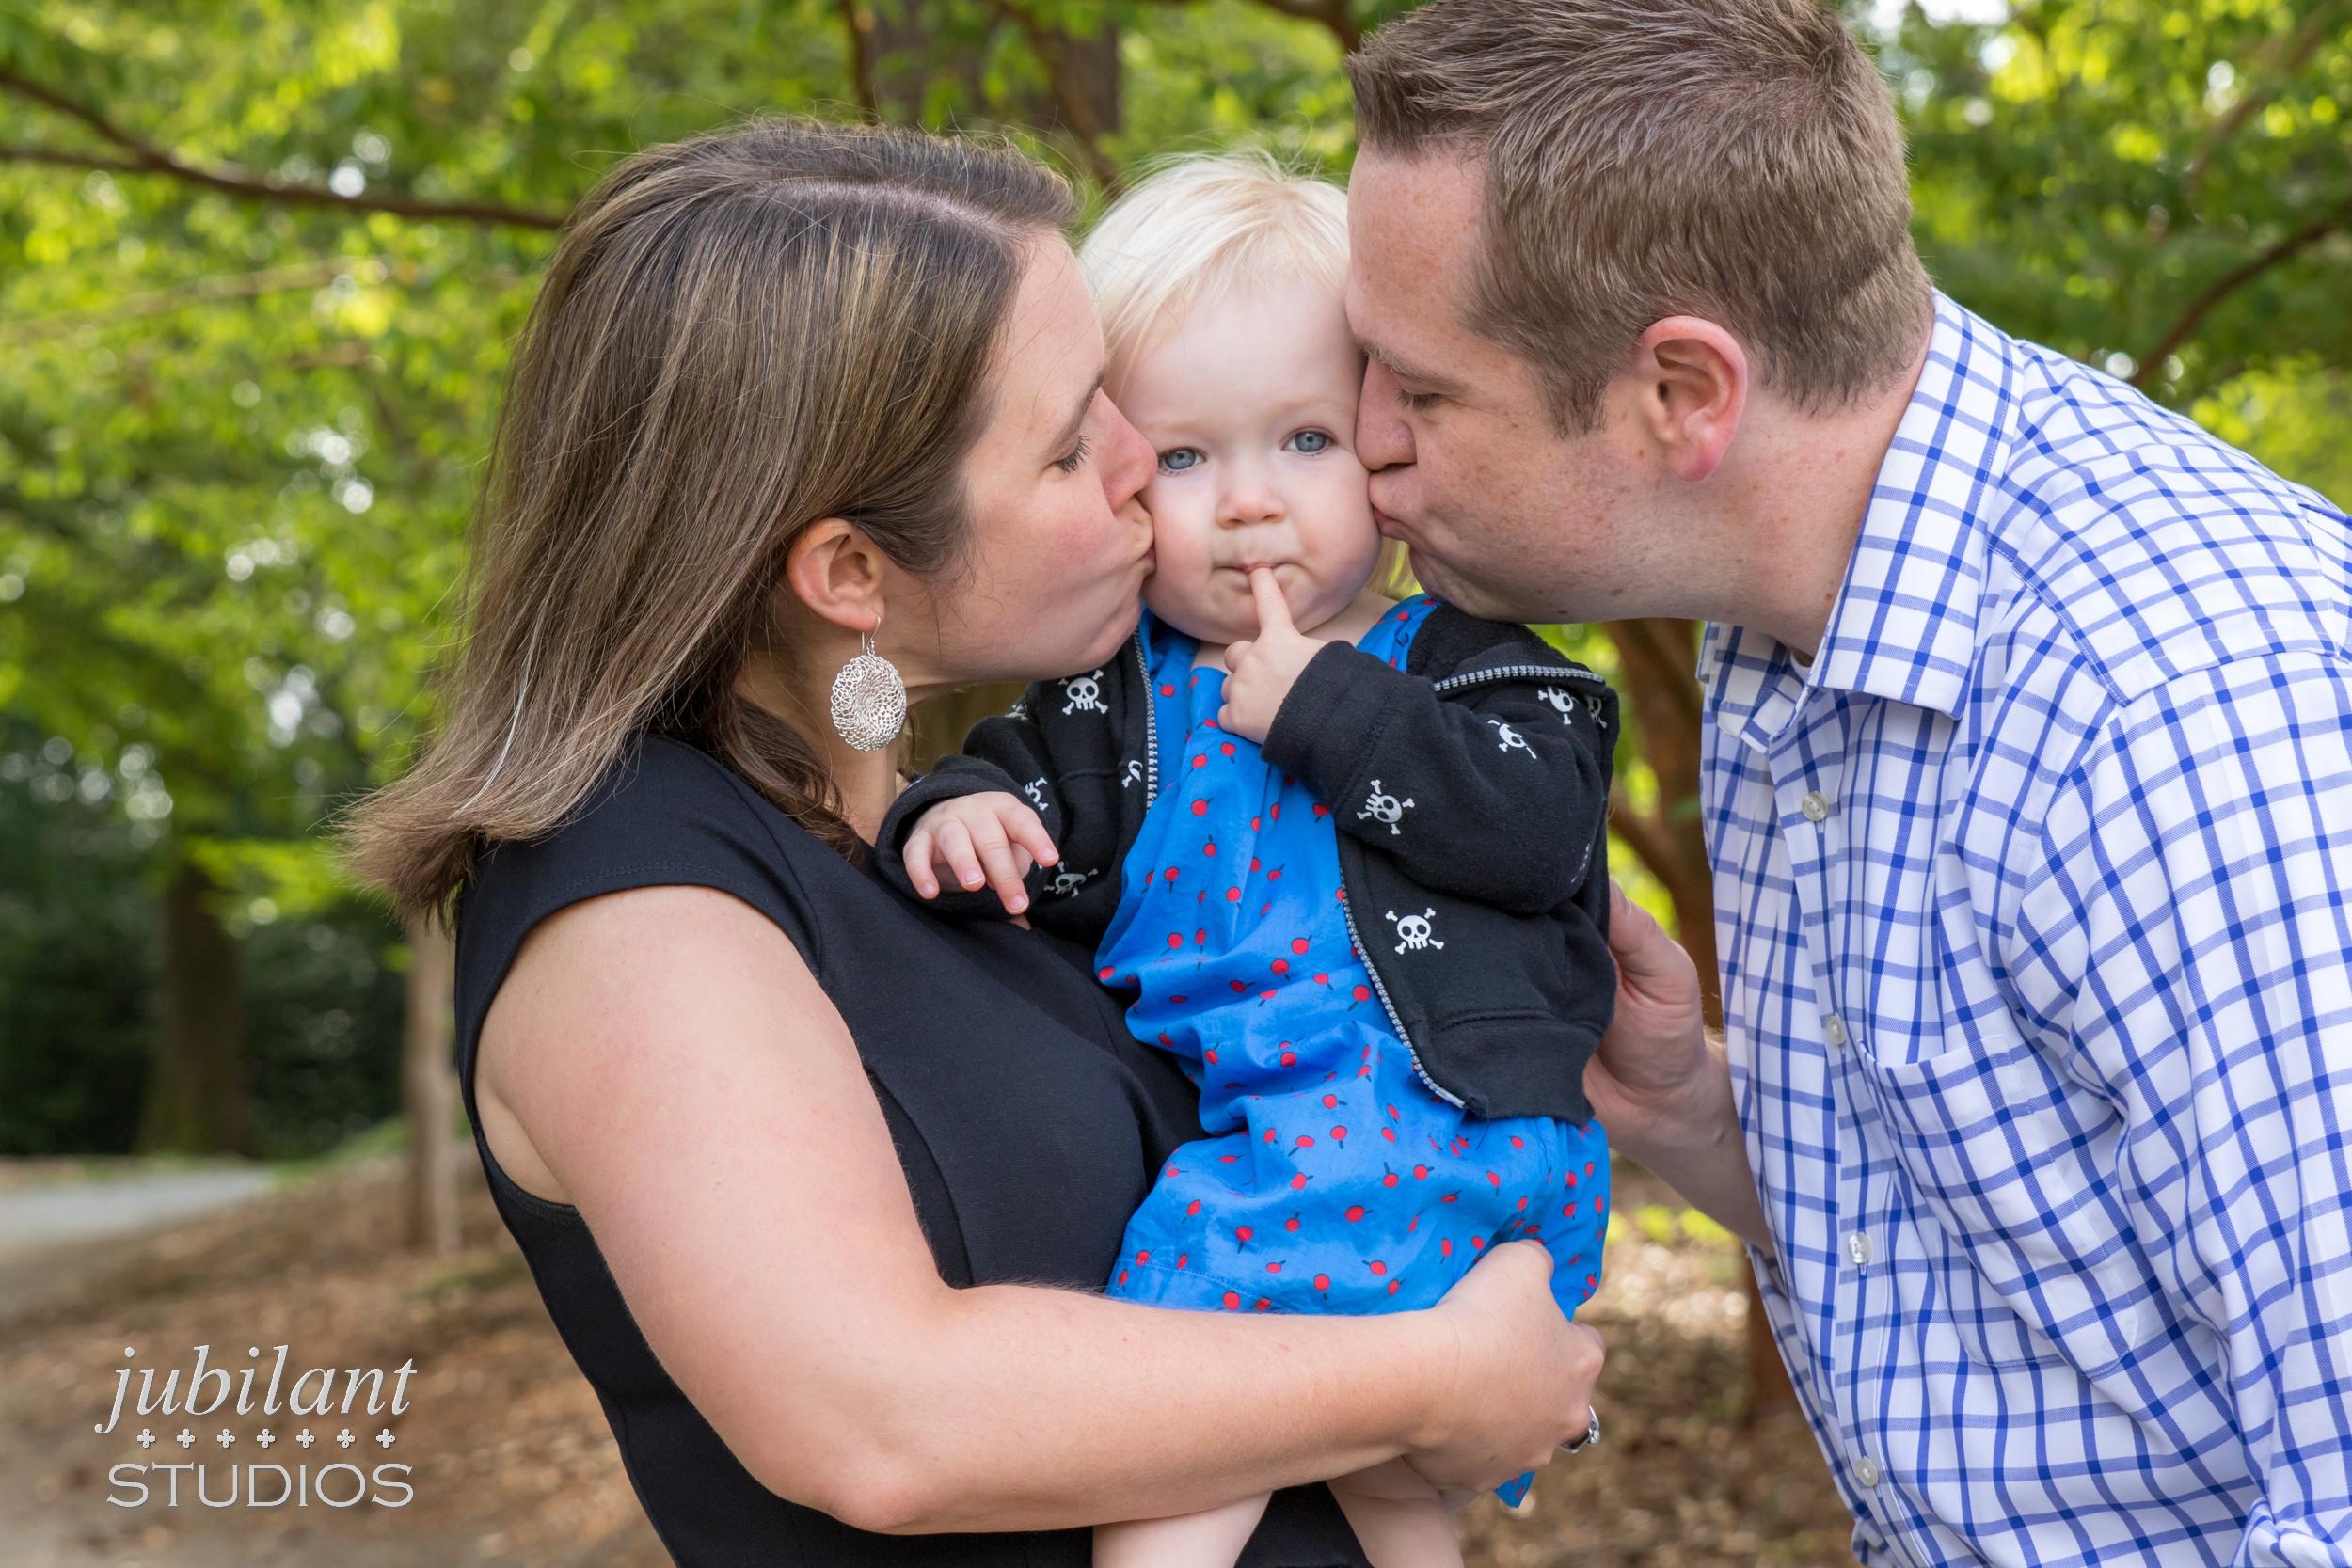 Washington Park Arboretum Family Photo